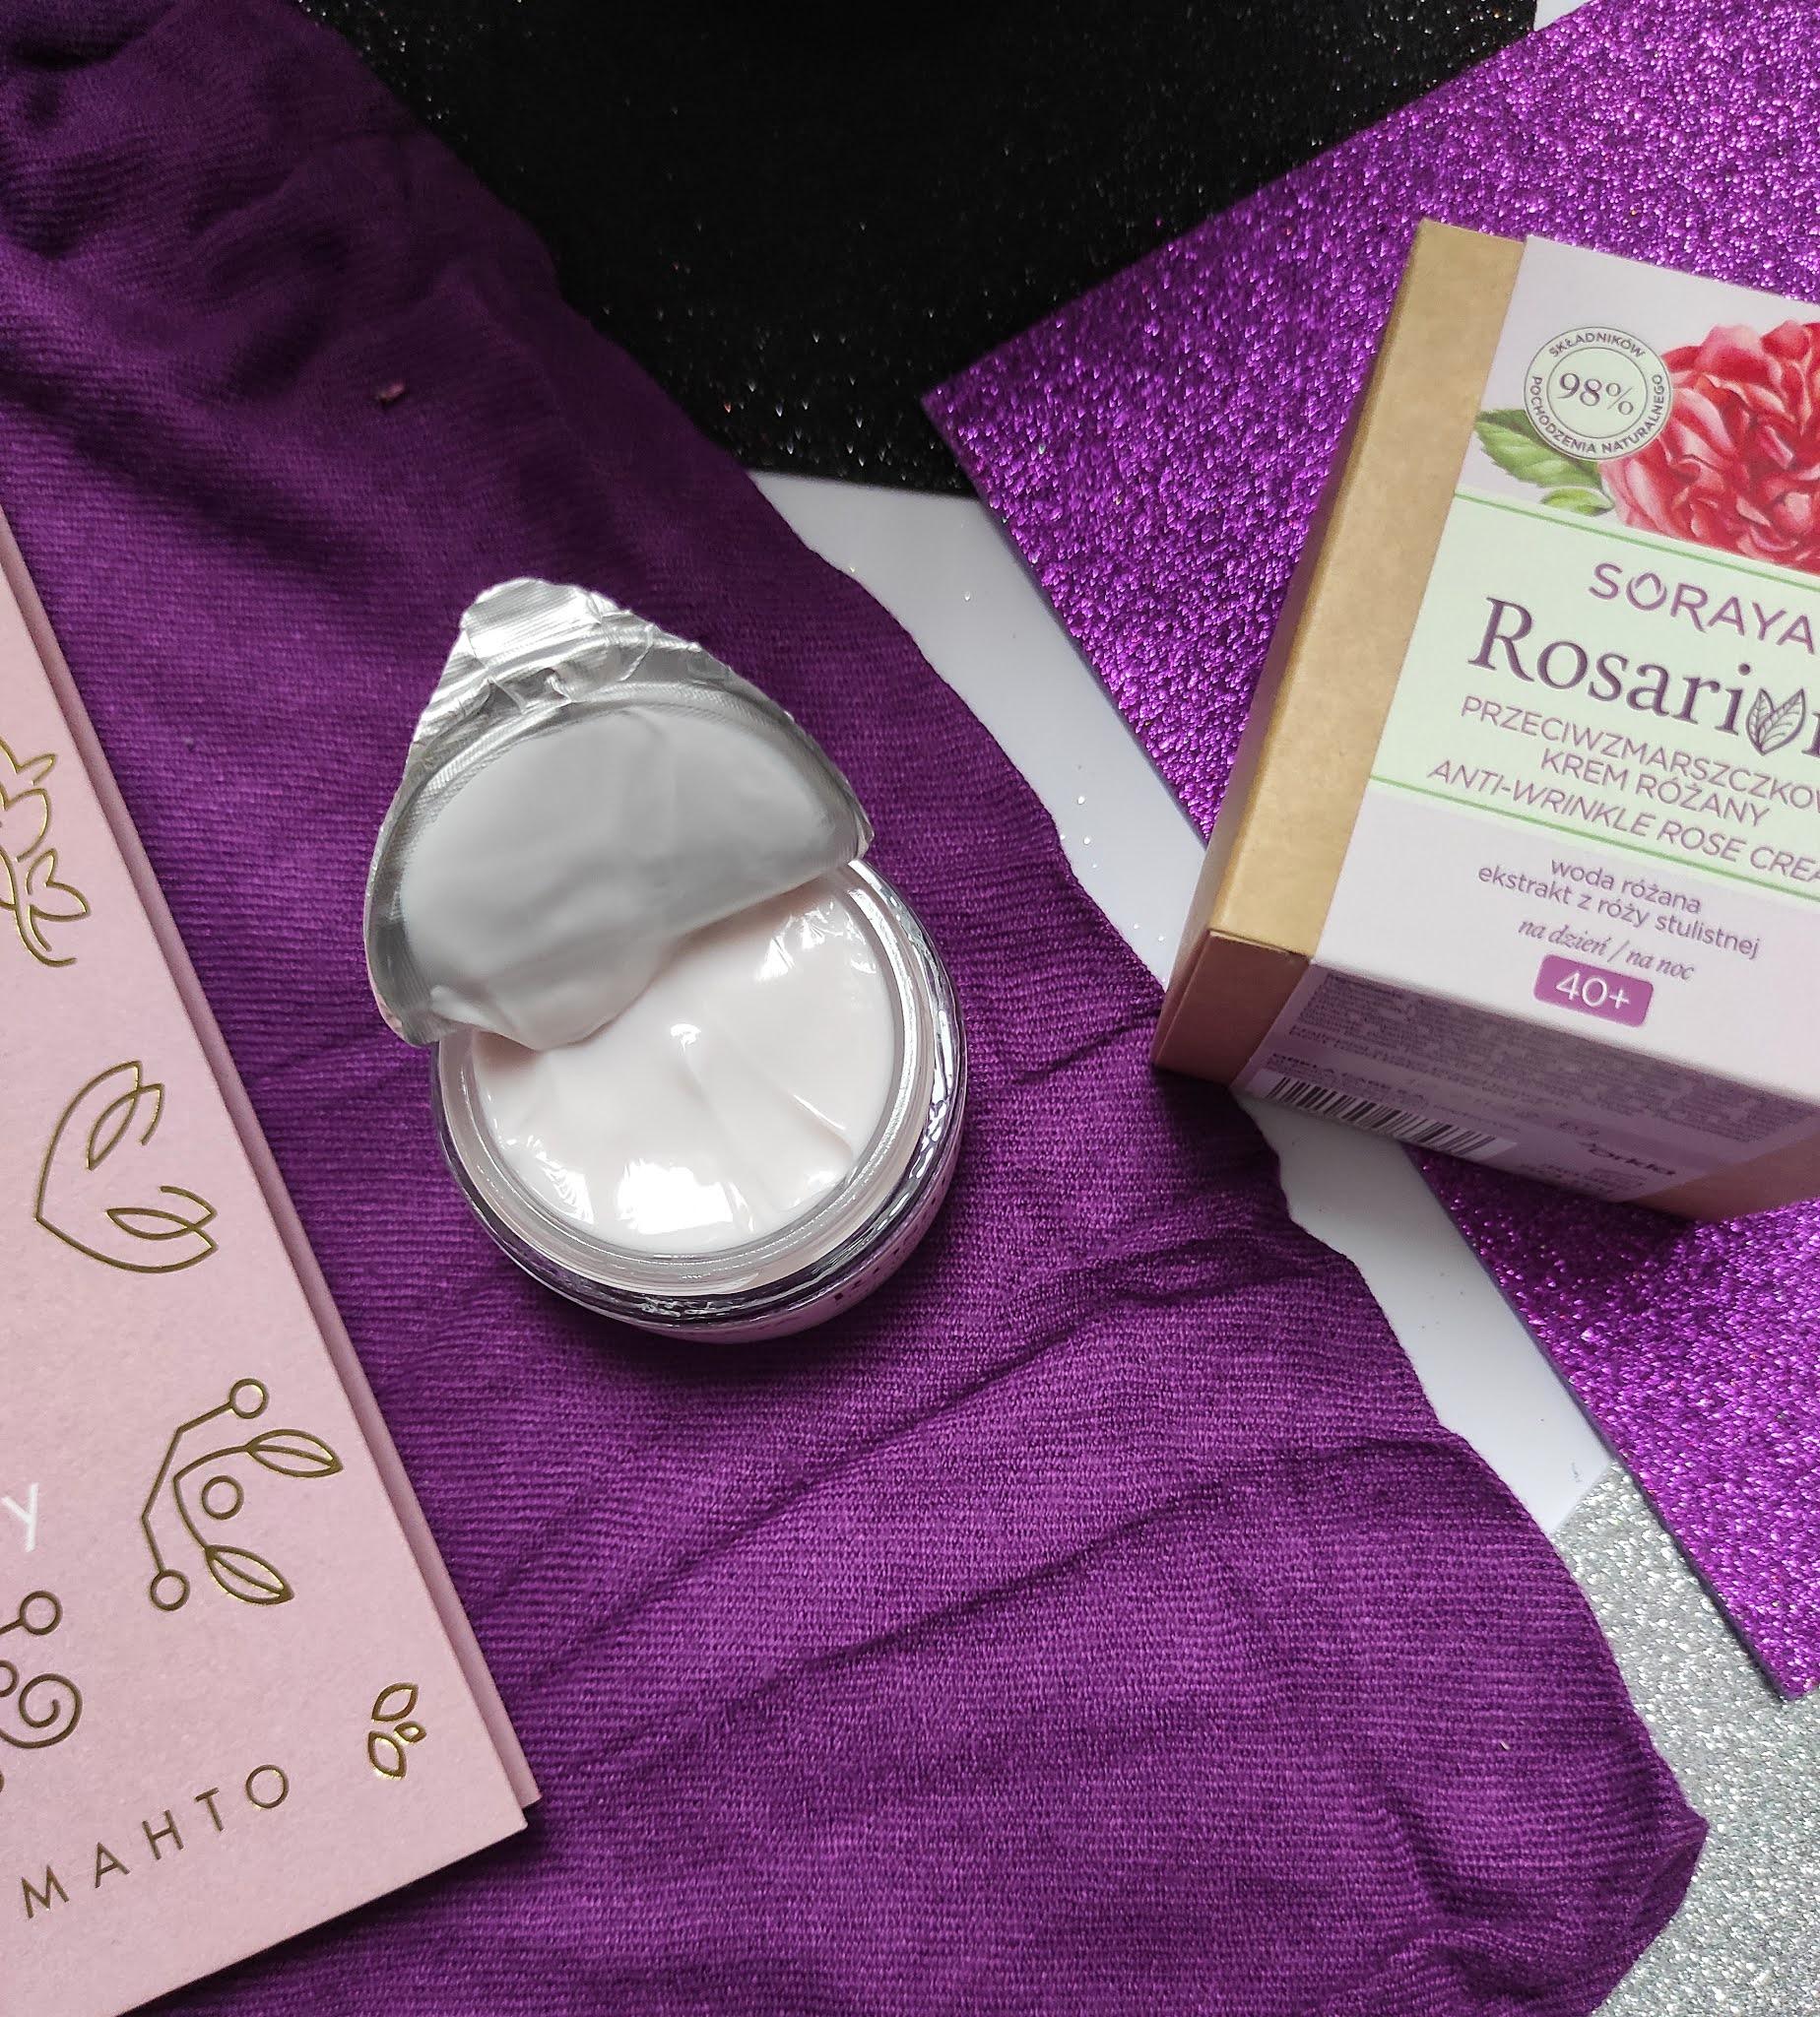 Przeciwzmarszczkowy krem różany Soraya Rosarium